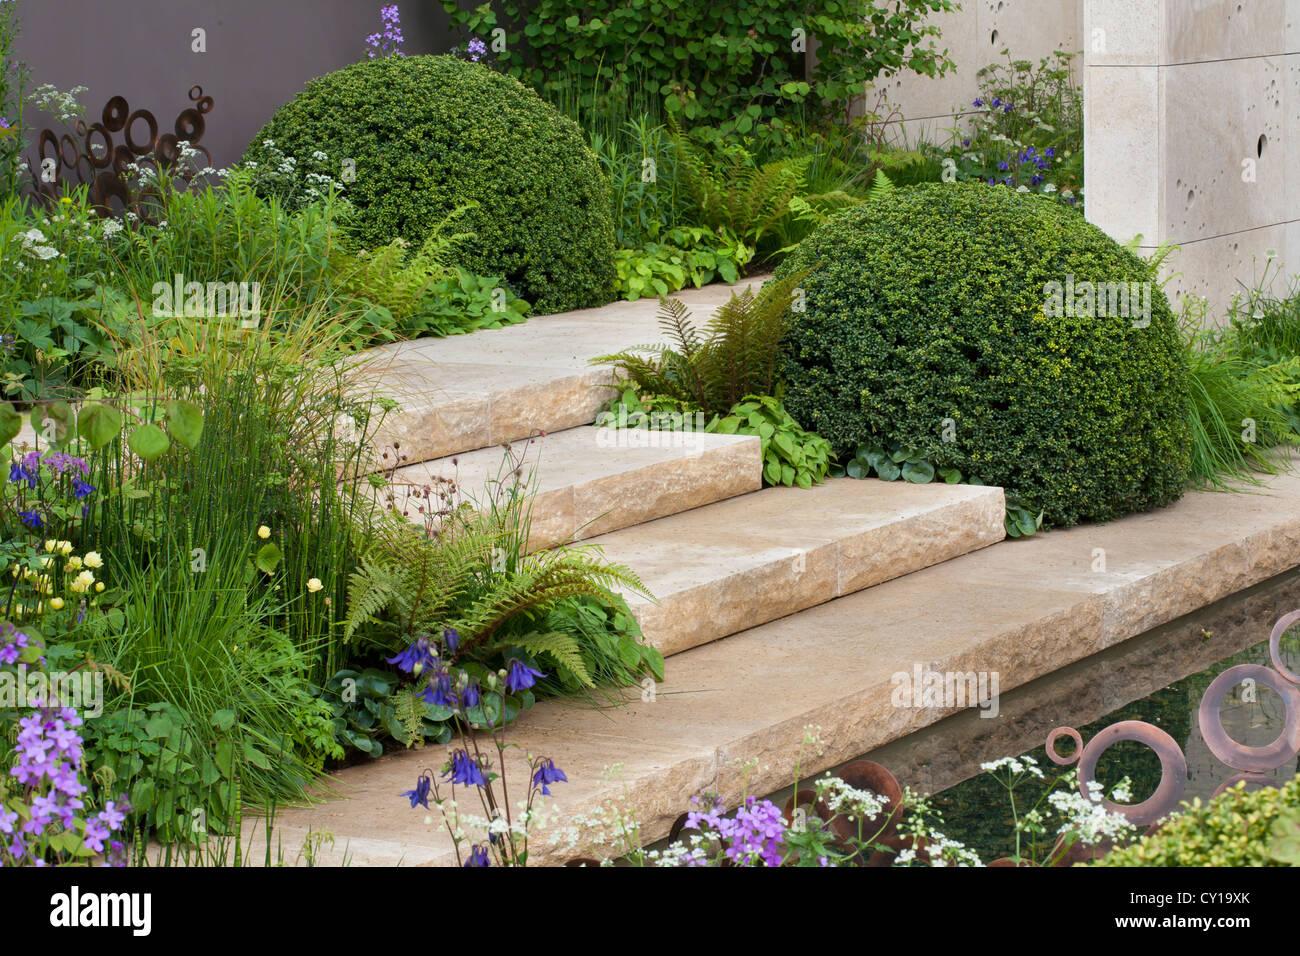 Moderne Gestaltete Garten Mit Geformten Sträucher Und Wasserspiel. Die M U0026  G Garten. Design: Andy Sturgeon